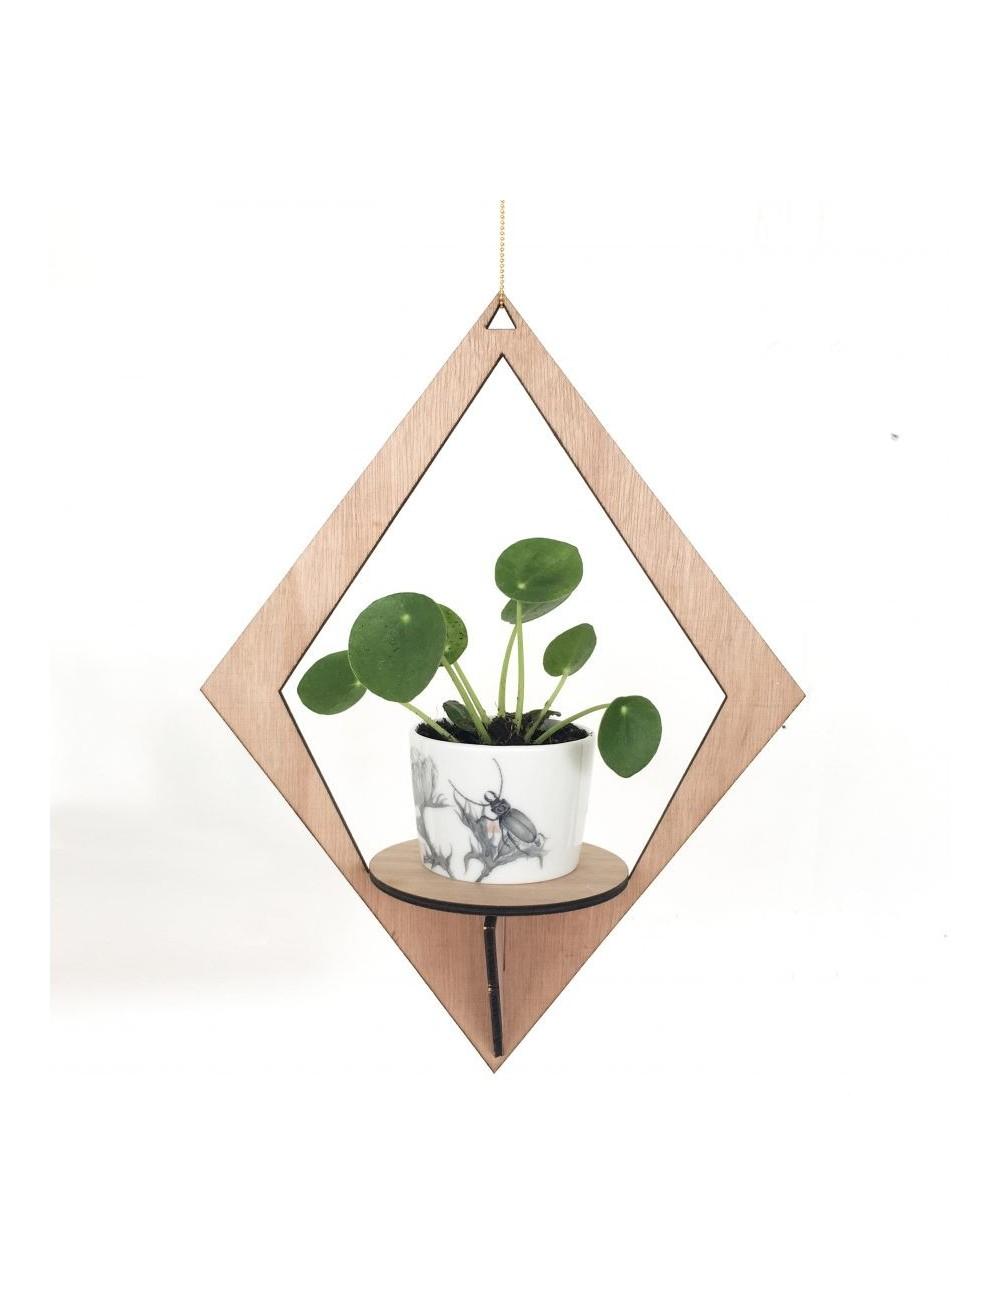 Cadeaux de Noel : 15 objets de déco éco-friendly. Pour faire plaisir à nos deco-lovers ! Focus : suspension en bois, plante, losange, pot blanc, fond  blanc. #AllThingsWeLike #bois #suspension #wood #plante  #minimaliste #gifts #deco #decolovers #cadeaux #christmas #christmasishere #Xmas #liste #ecofriendly #ecology